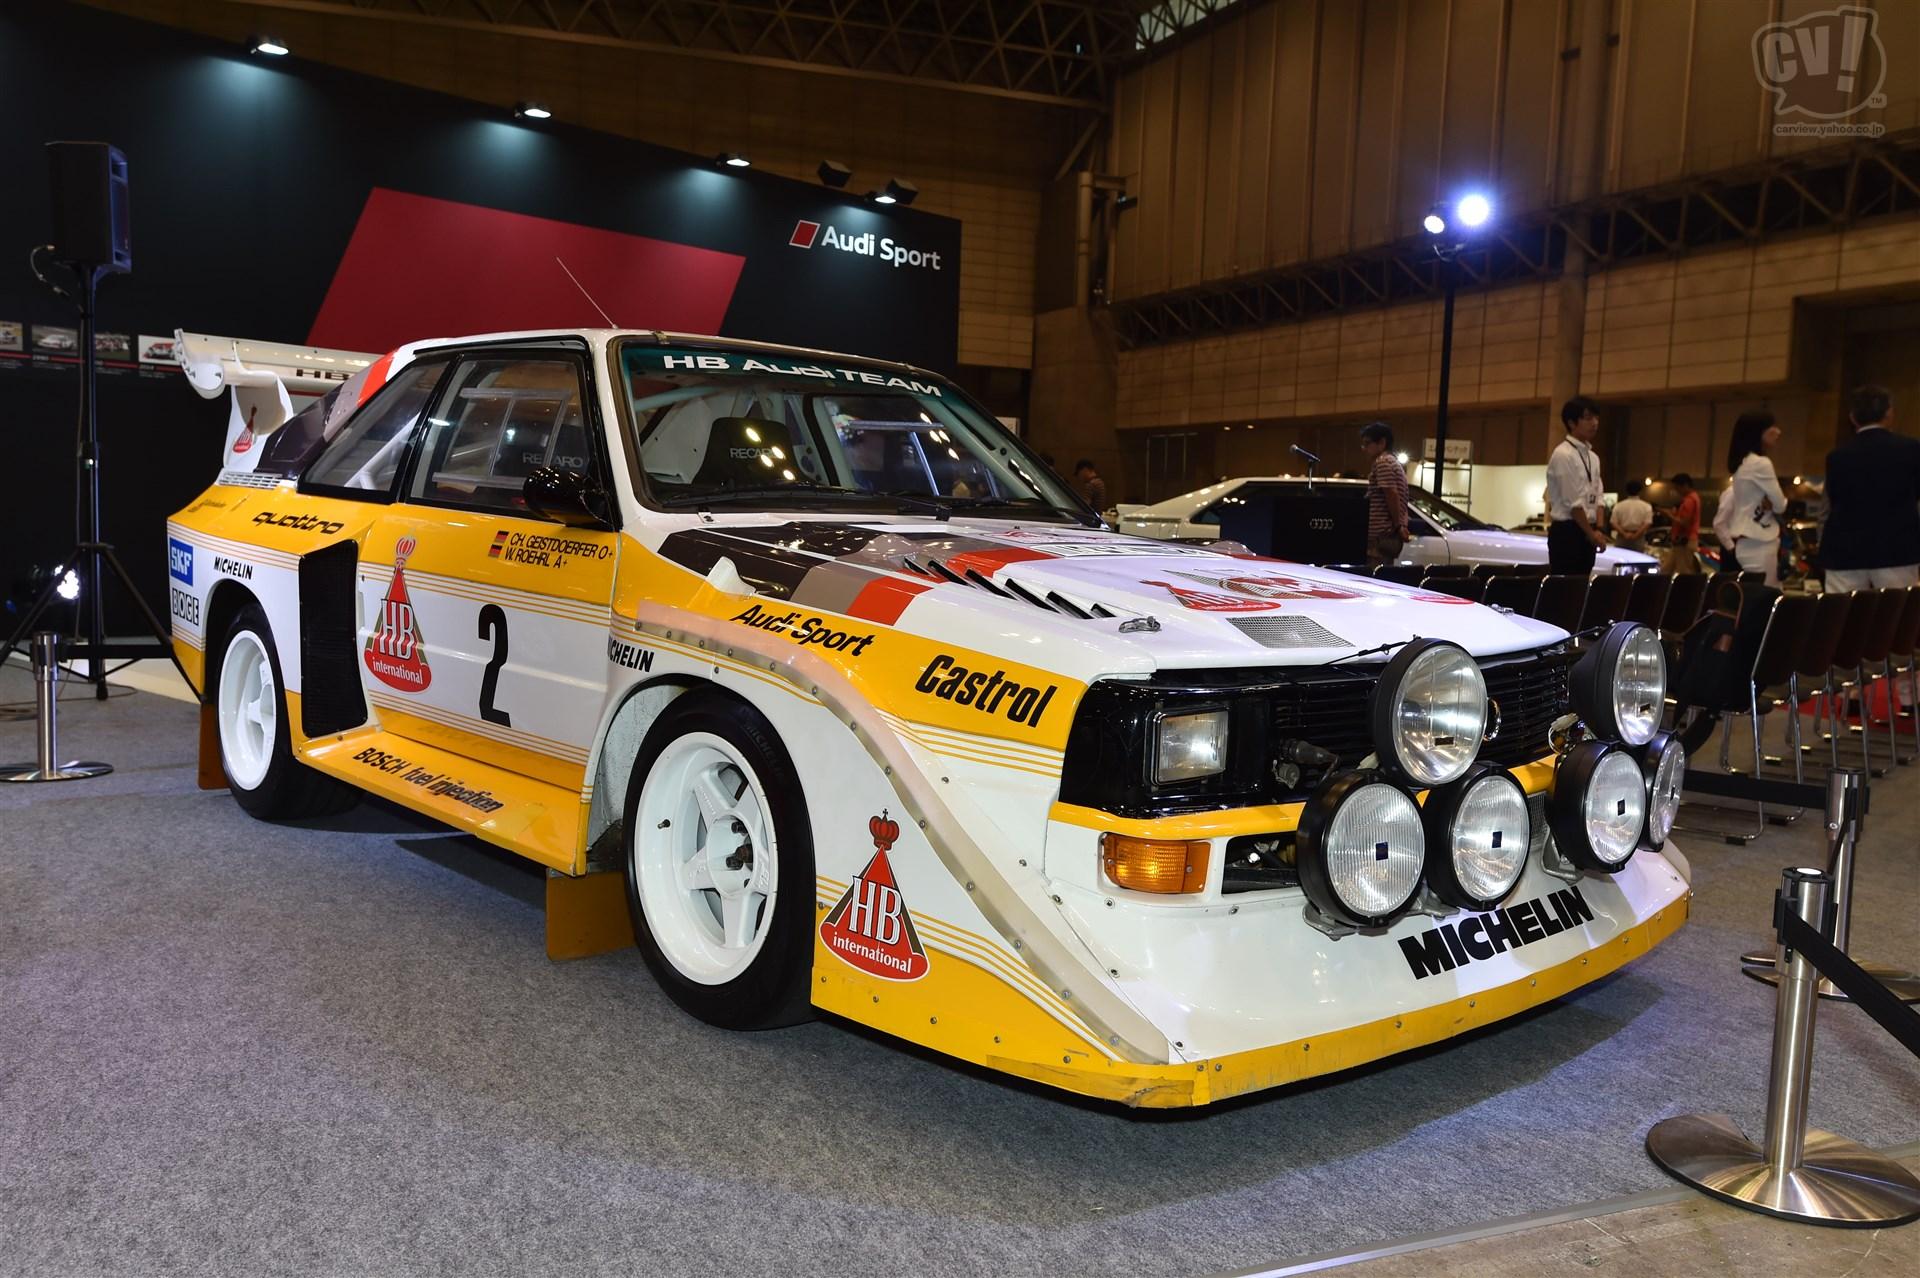 アウディ Audi スポーツ クワトロ S1